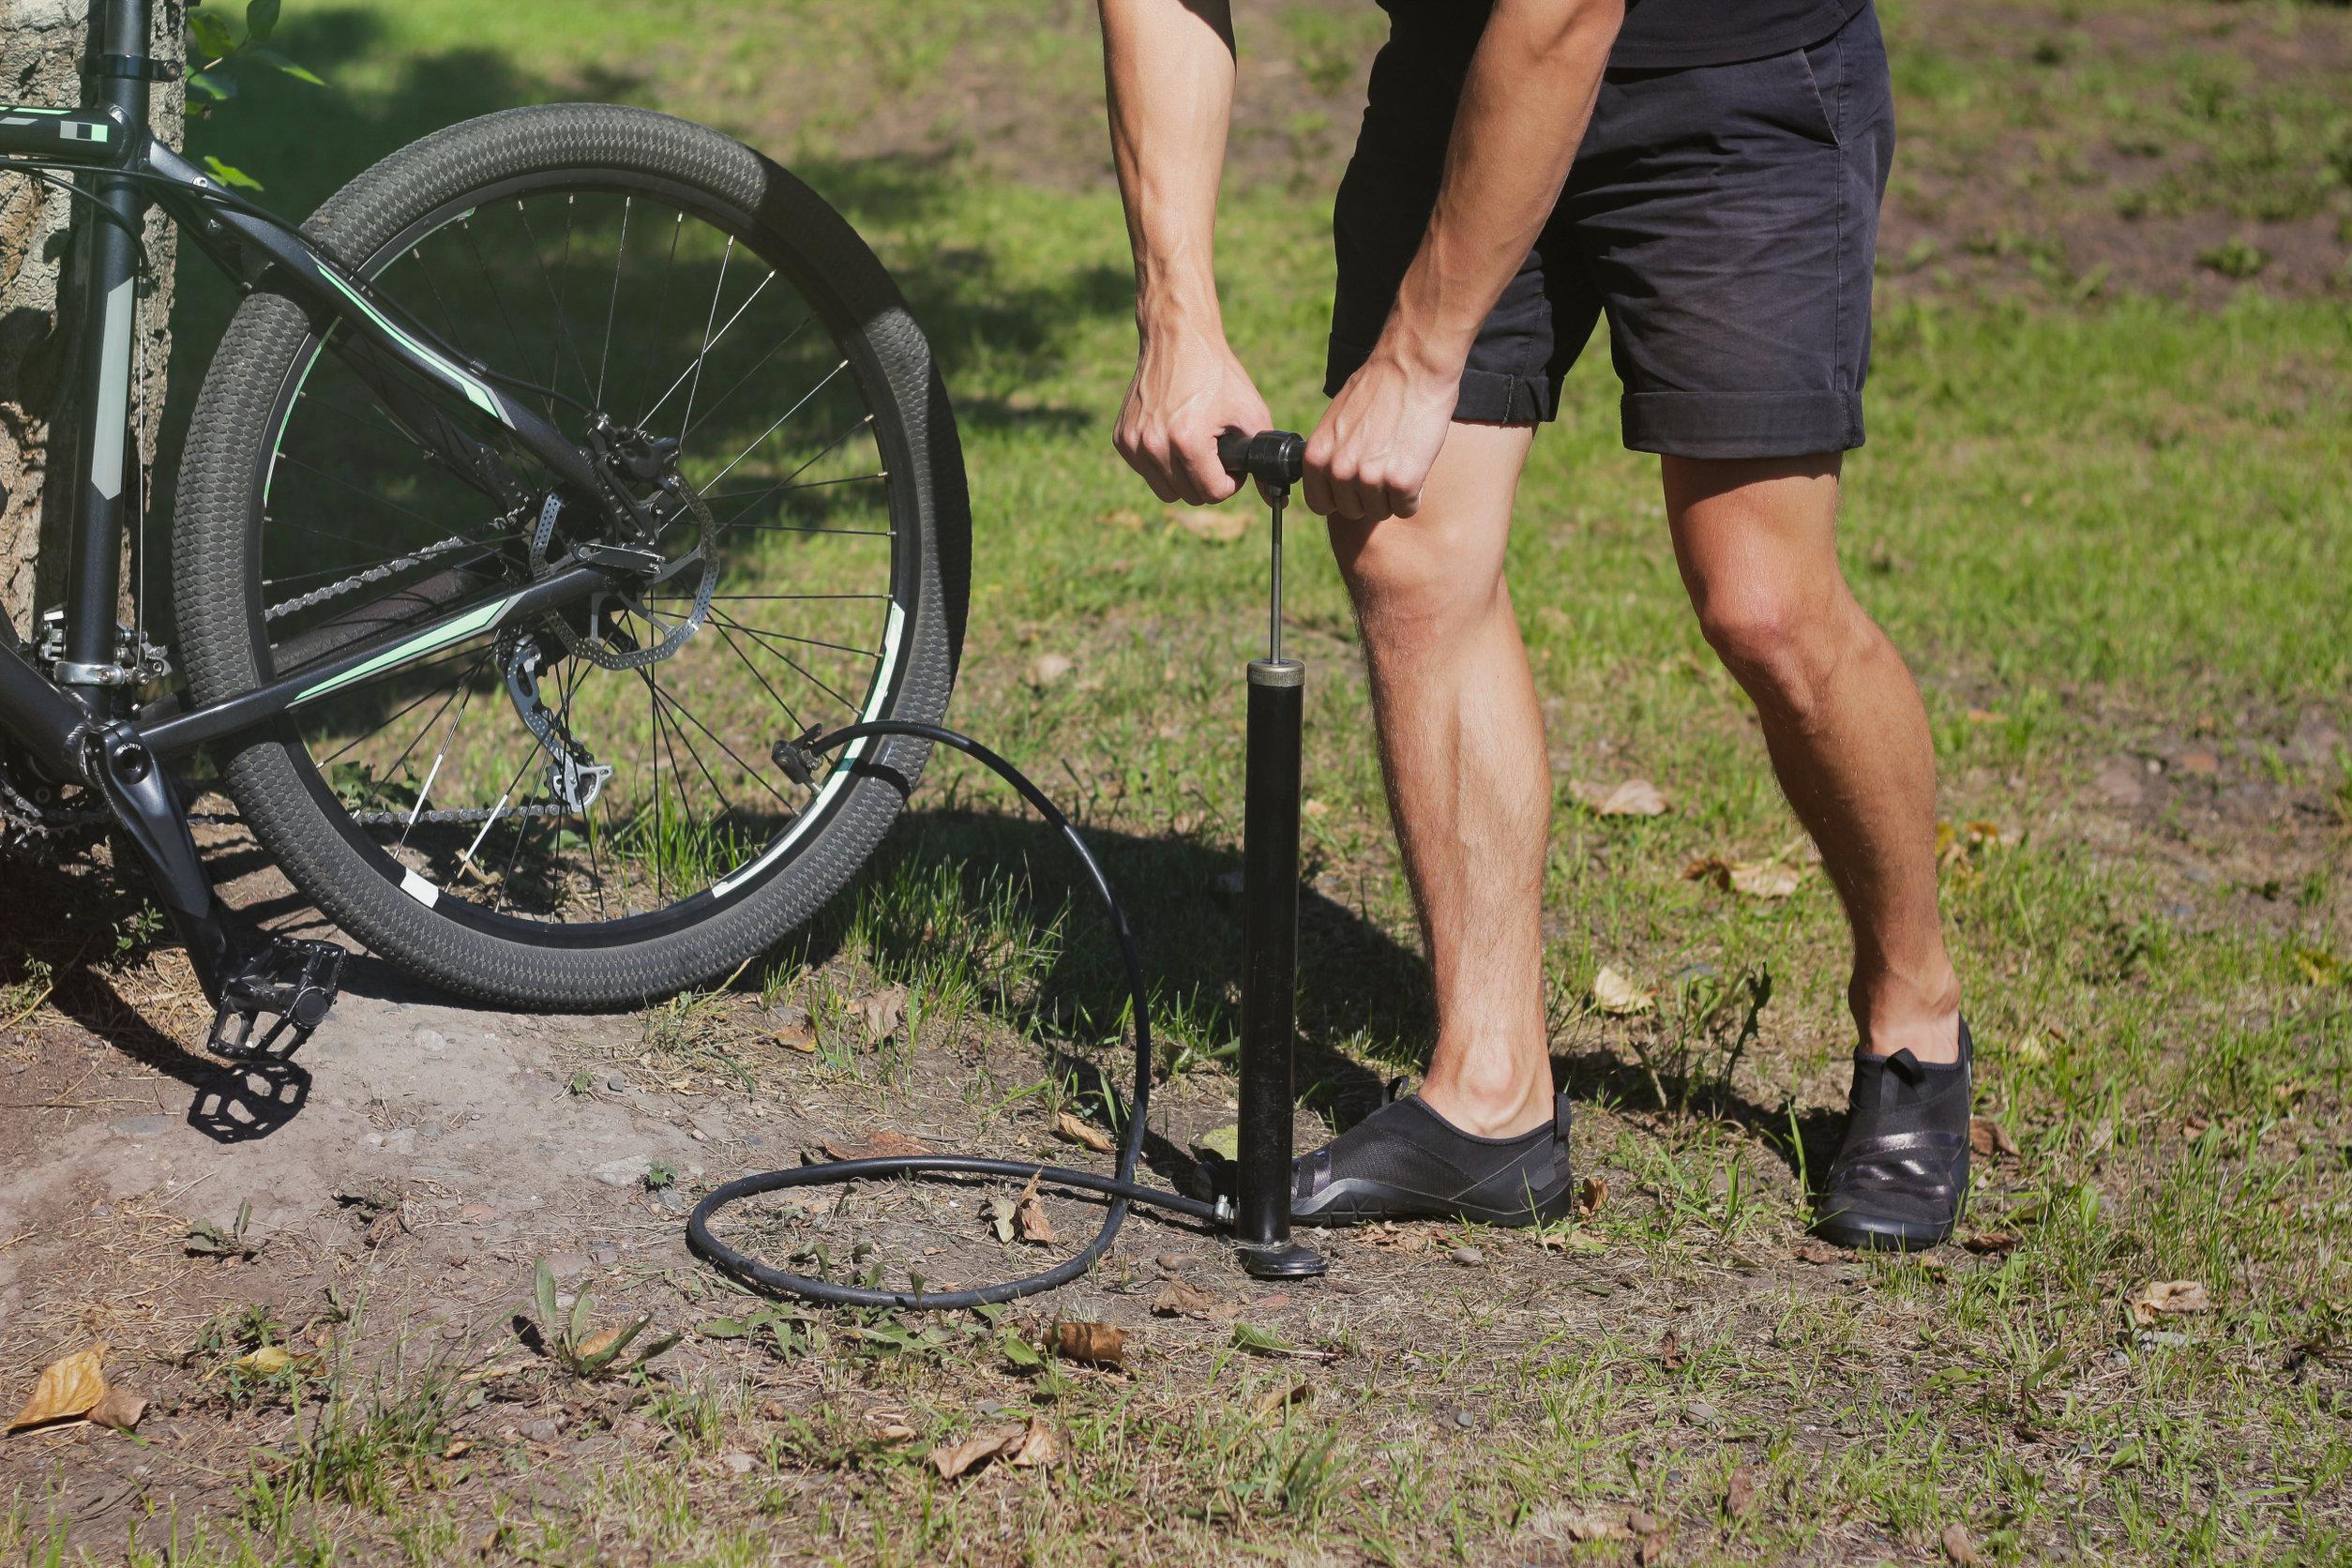 Ciclista enchendo pneu da bicicleta com uma bomba de bicicleta